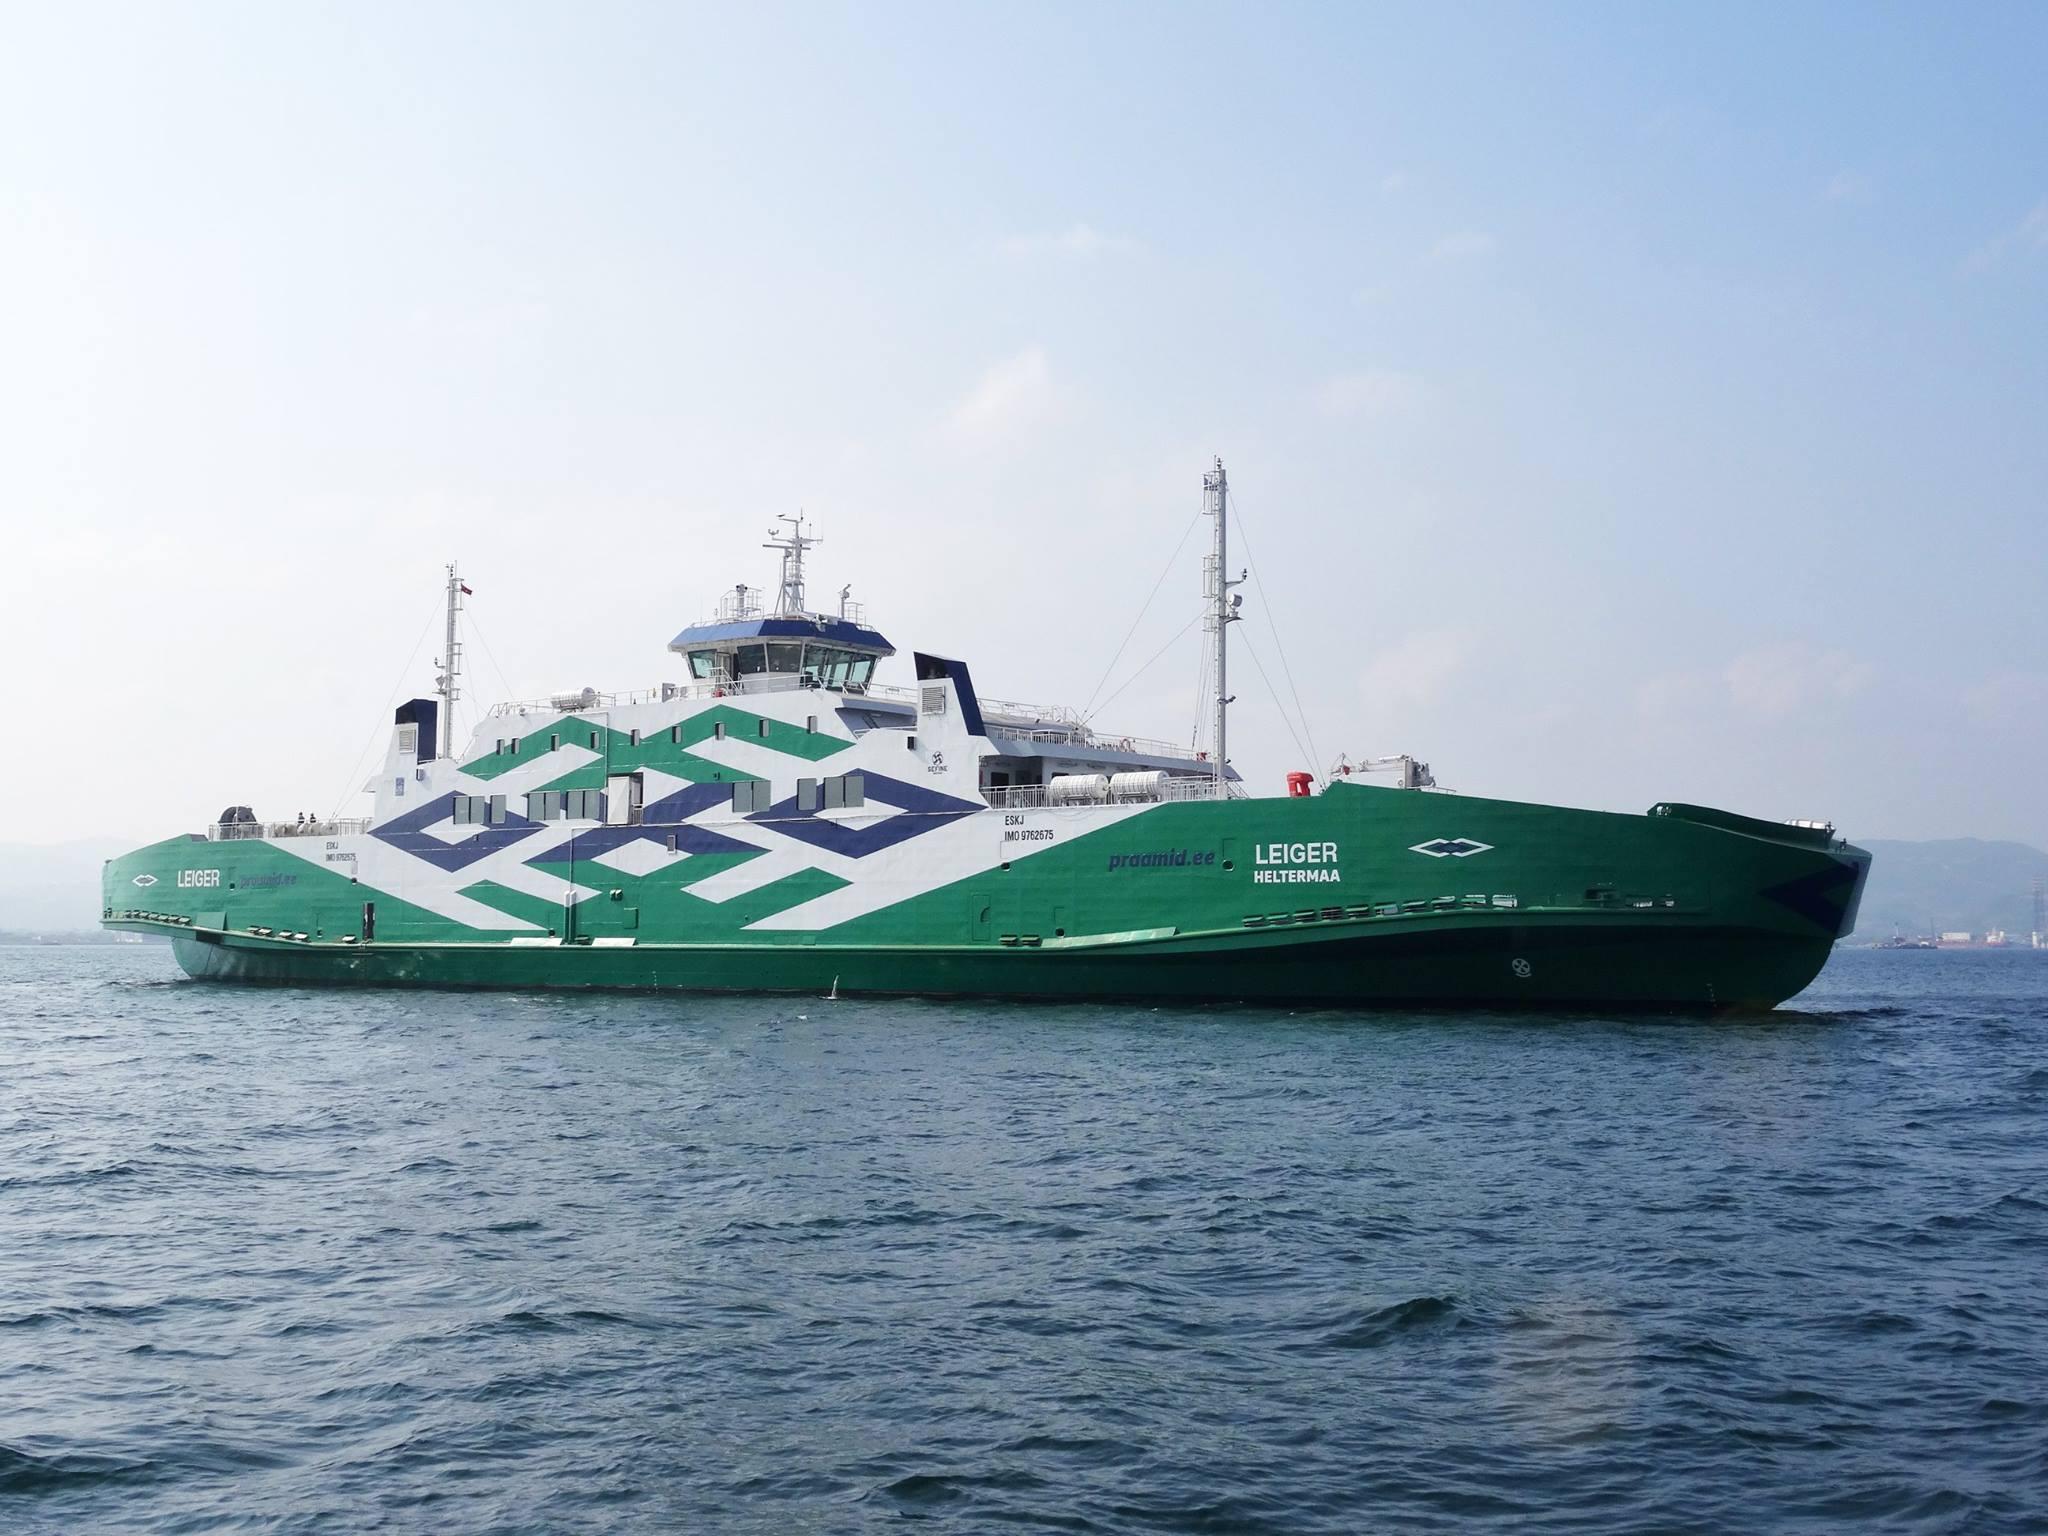 Selle nädala esimene pool oli tagumine aeg uuele parvlaevale Türgi tehasest startimiseks, et see õigeaegselt liinile jõuaks. TS Laevade juhatuse liige Kaido Padar kinnitas ERR-i uudisteportaalile, et sel nädalal Leiger […]